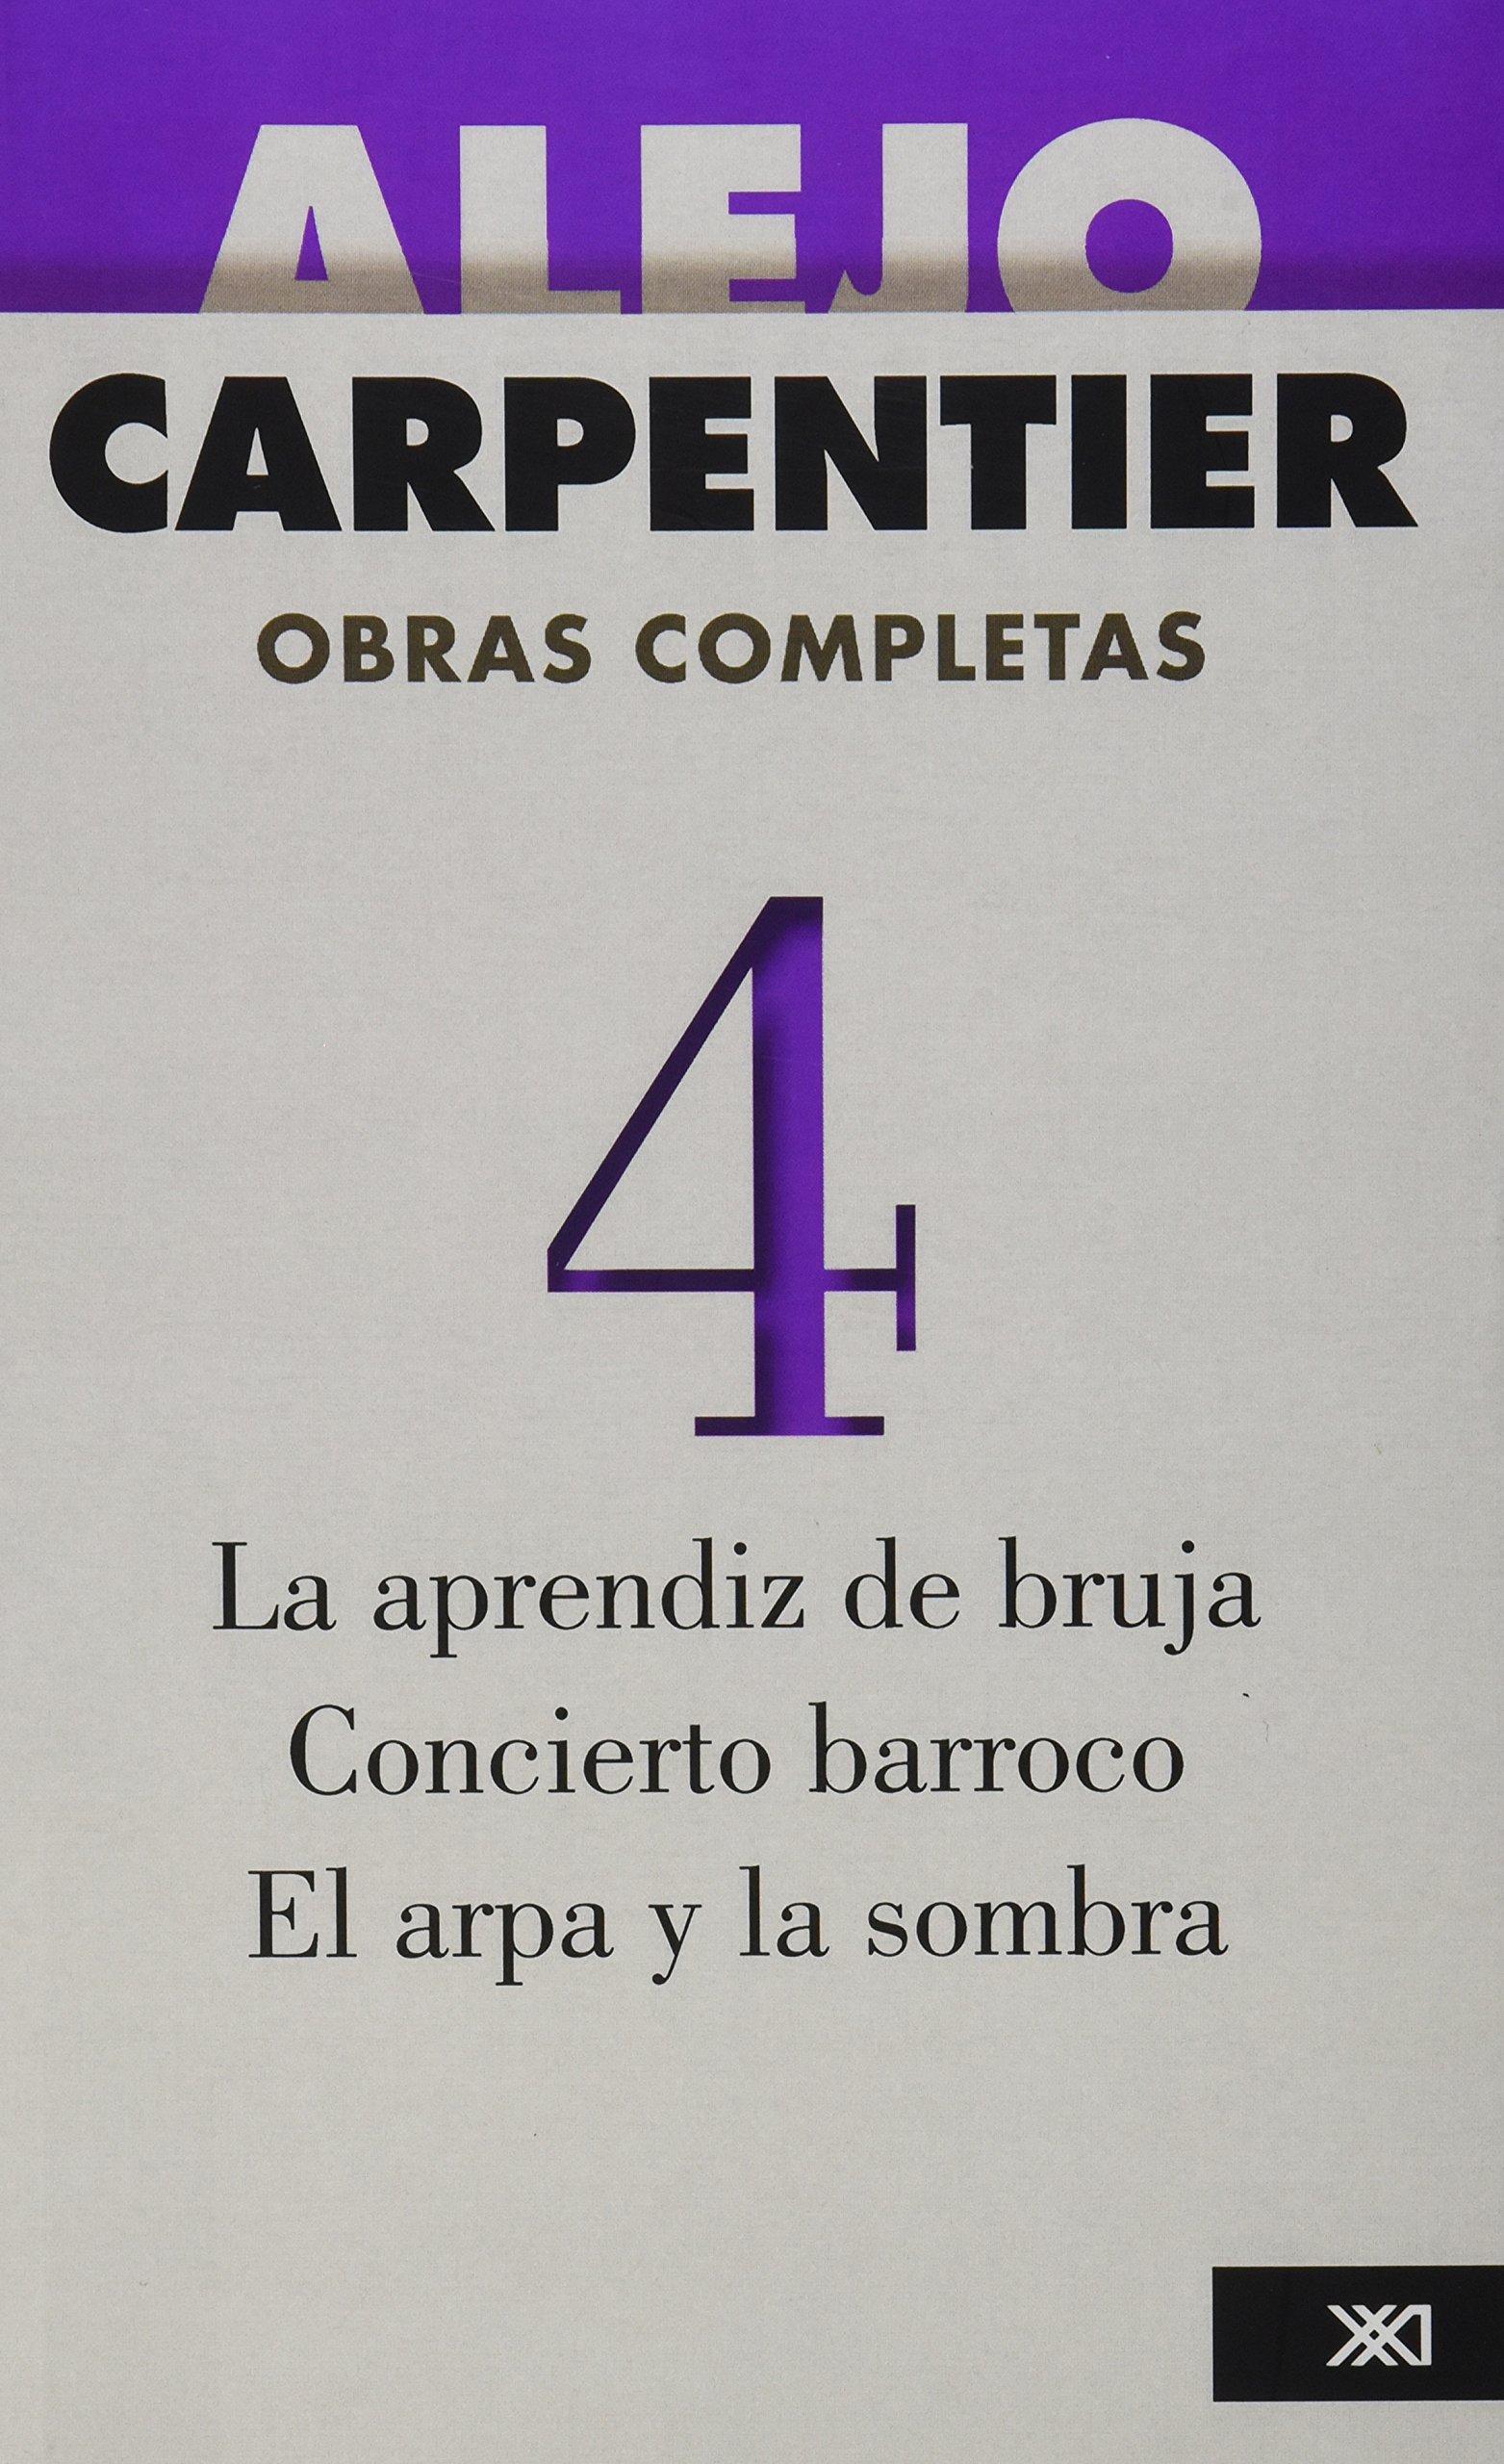 La aprendiz de bruja. Concierto barroco. El arpa y la sombra (Obras  Completas / Complete Works) (Spanish Edition) (Spanish) Paperback – July 1,  2008